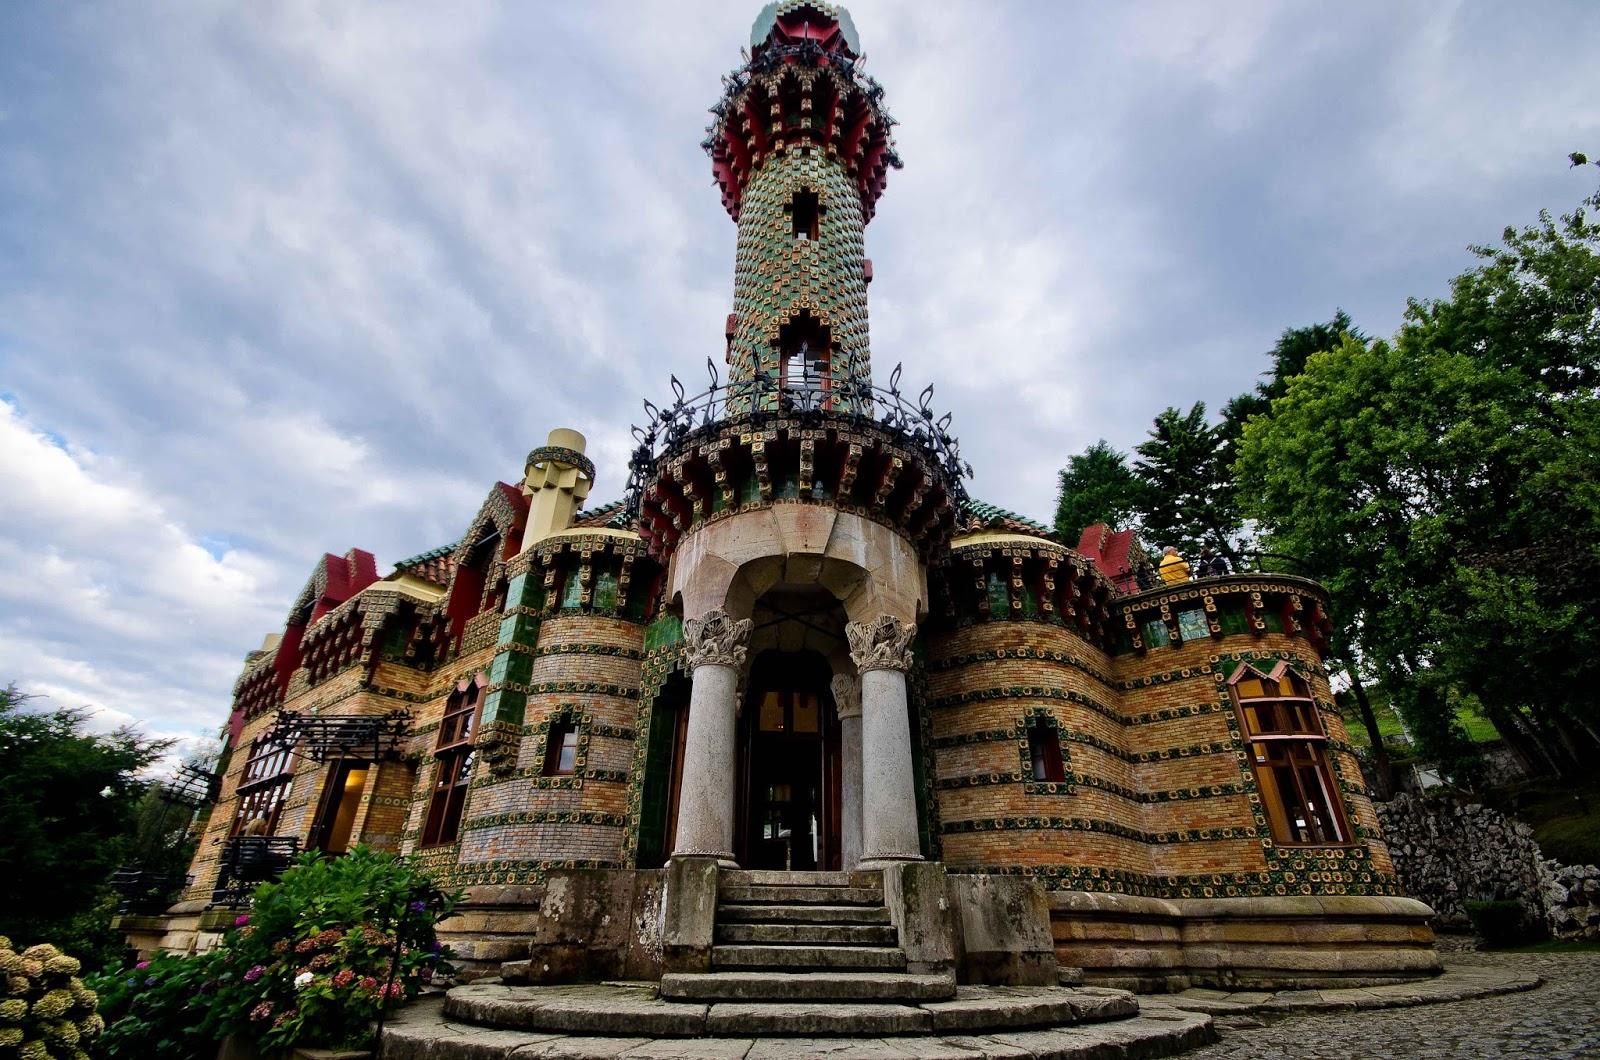 El capricho de Gaudí en Comillas (Cantabria)  FOTOGRAFÍA JOSÉ BONILLA.